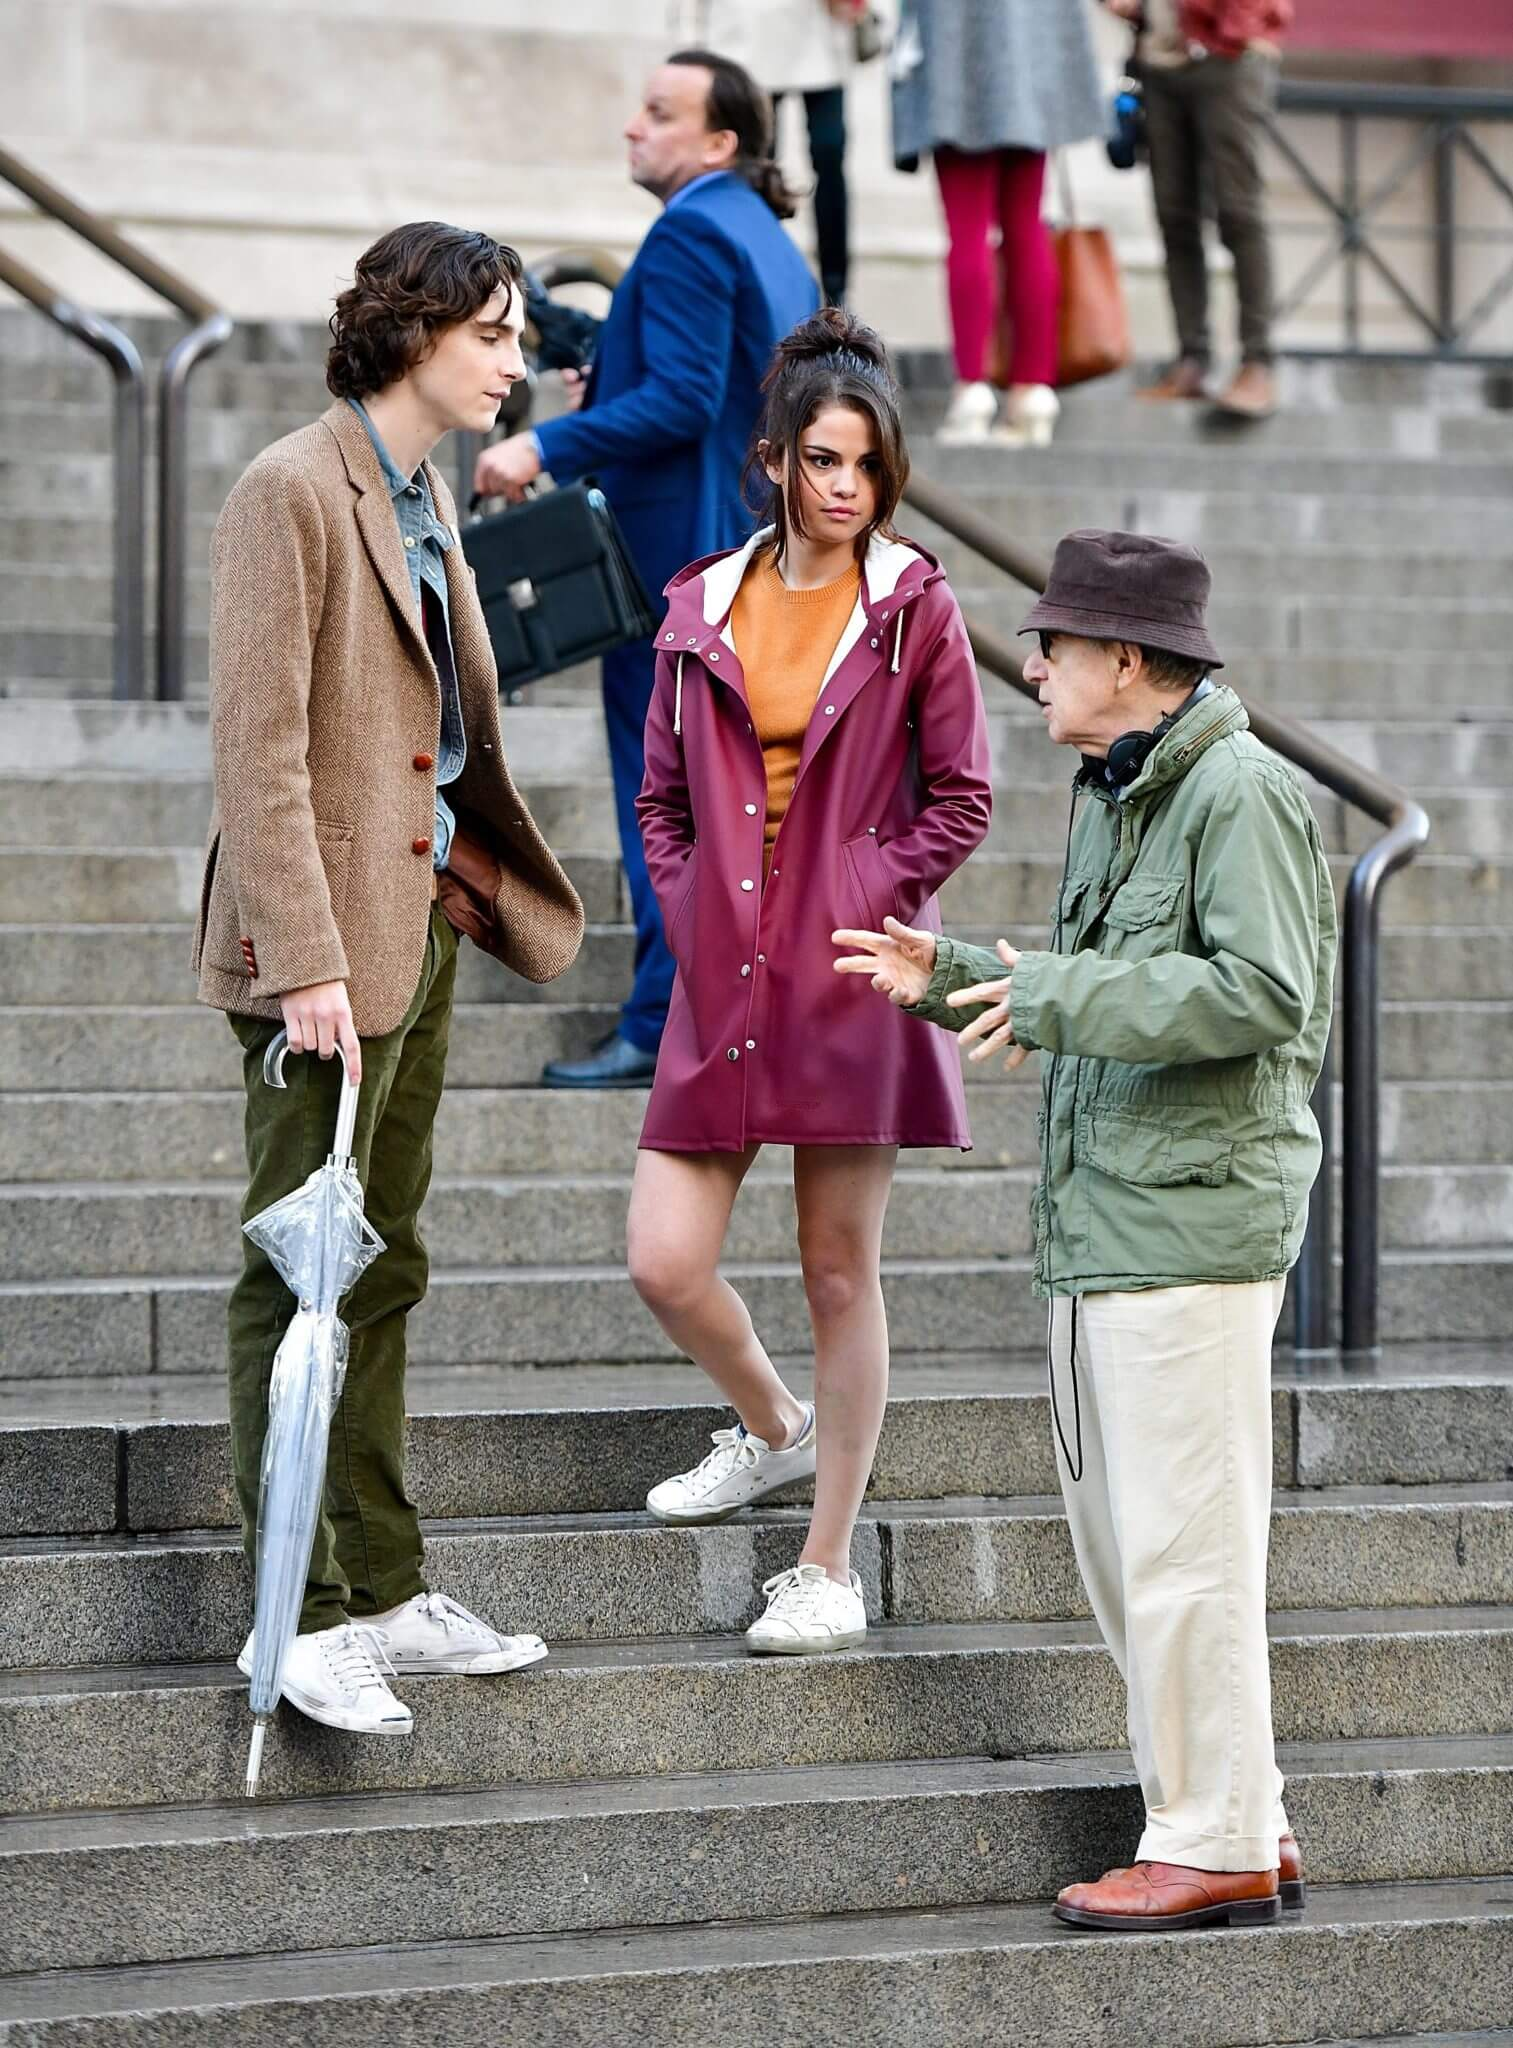 Amazon decidió no lanzar la nueva película de Woody Allen con Timothée Chalamet y Selena Gómez